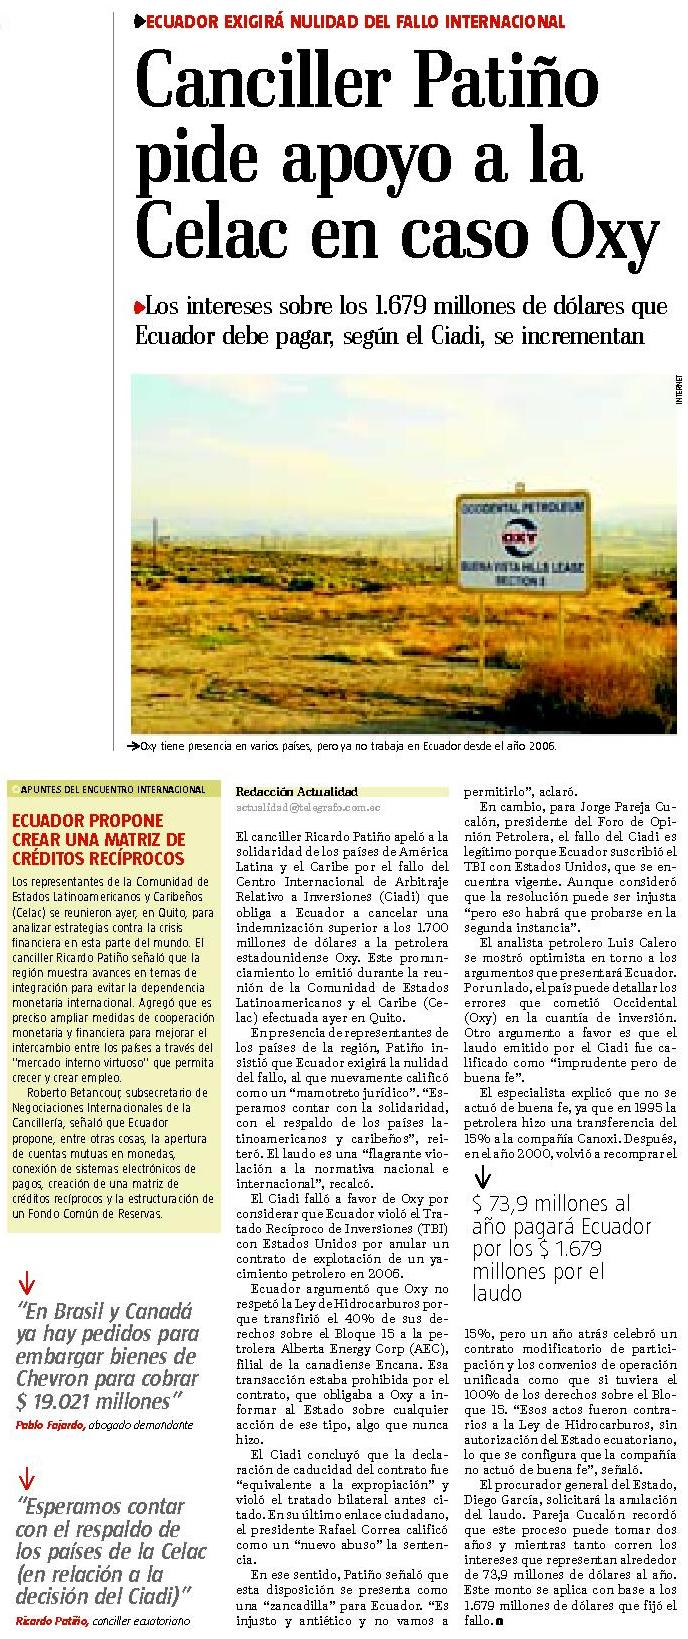 11-2012-10-11_El_Telegrafo_Oxy_Patino_pide_apoyo_a_la_Celac